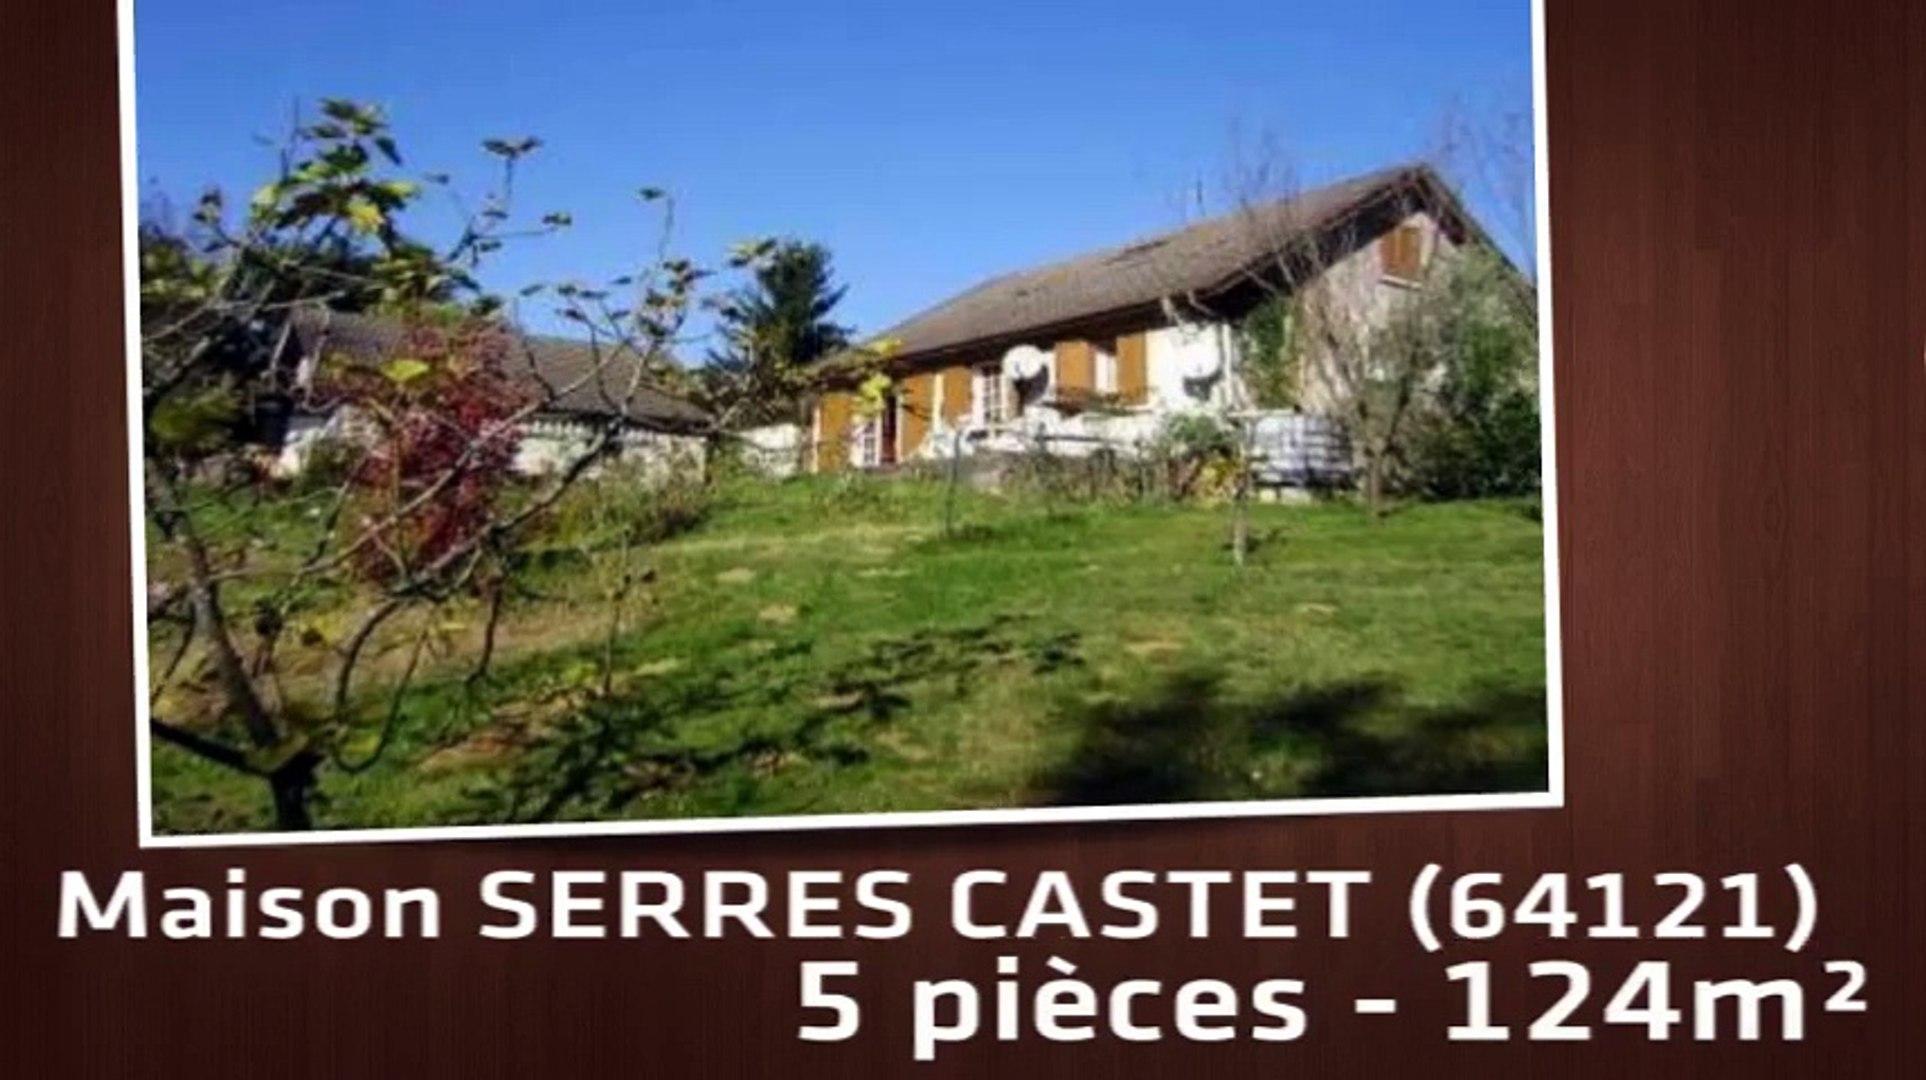 A Vendre Maison Villa Serres Castet 64121 5 Pieces 124m